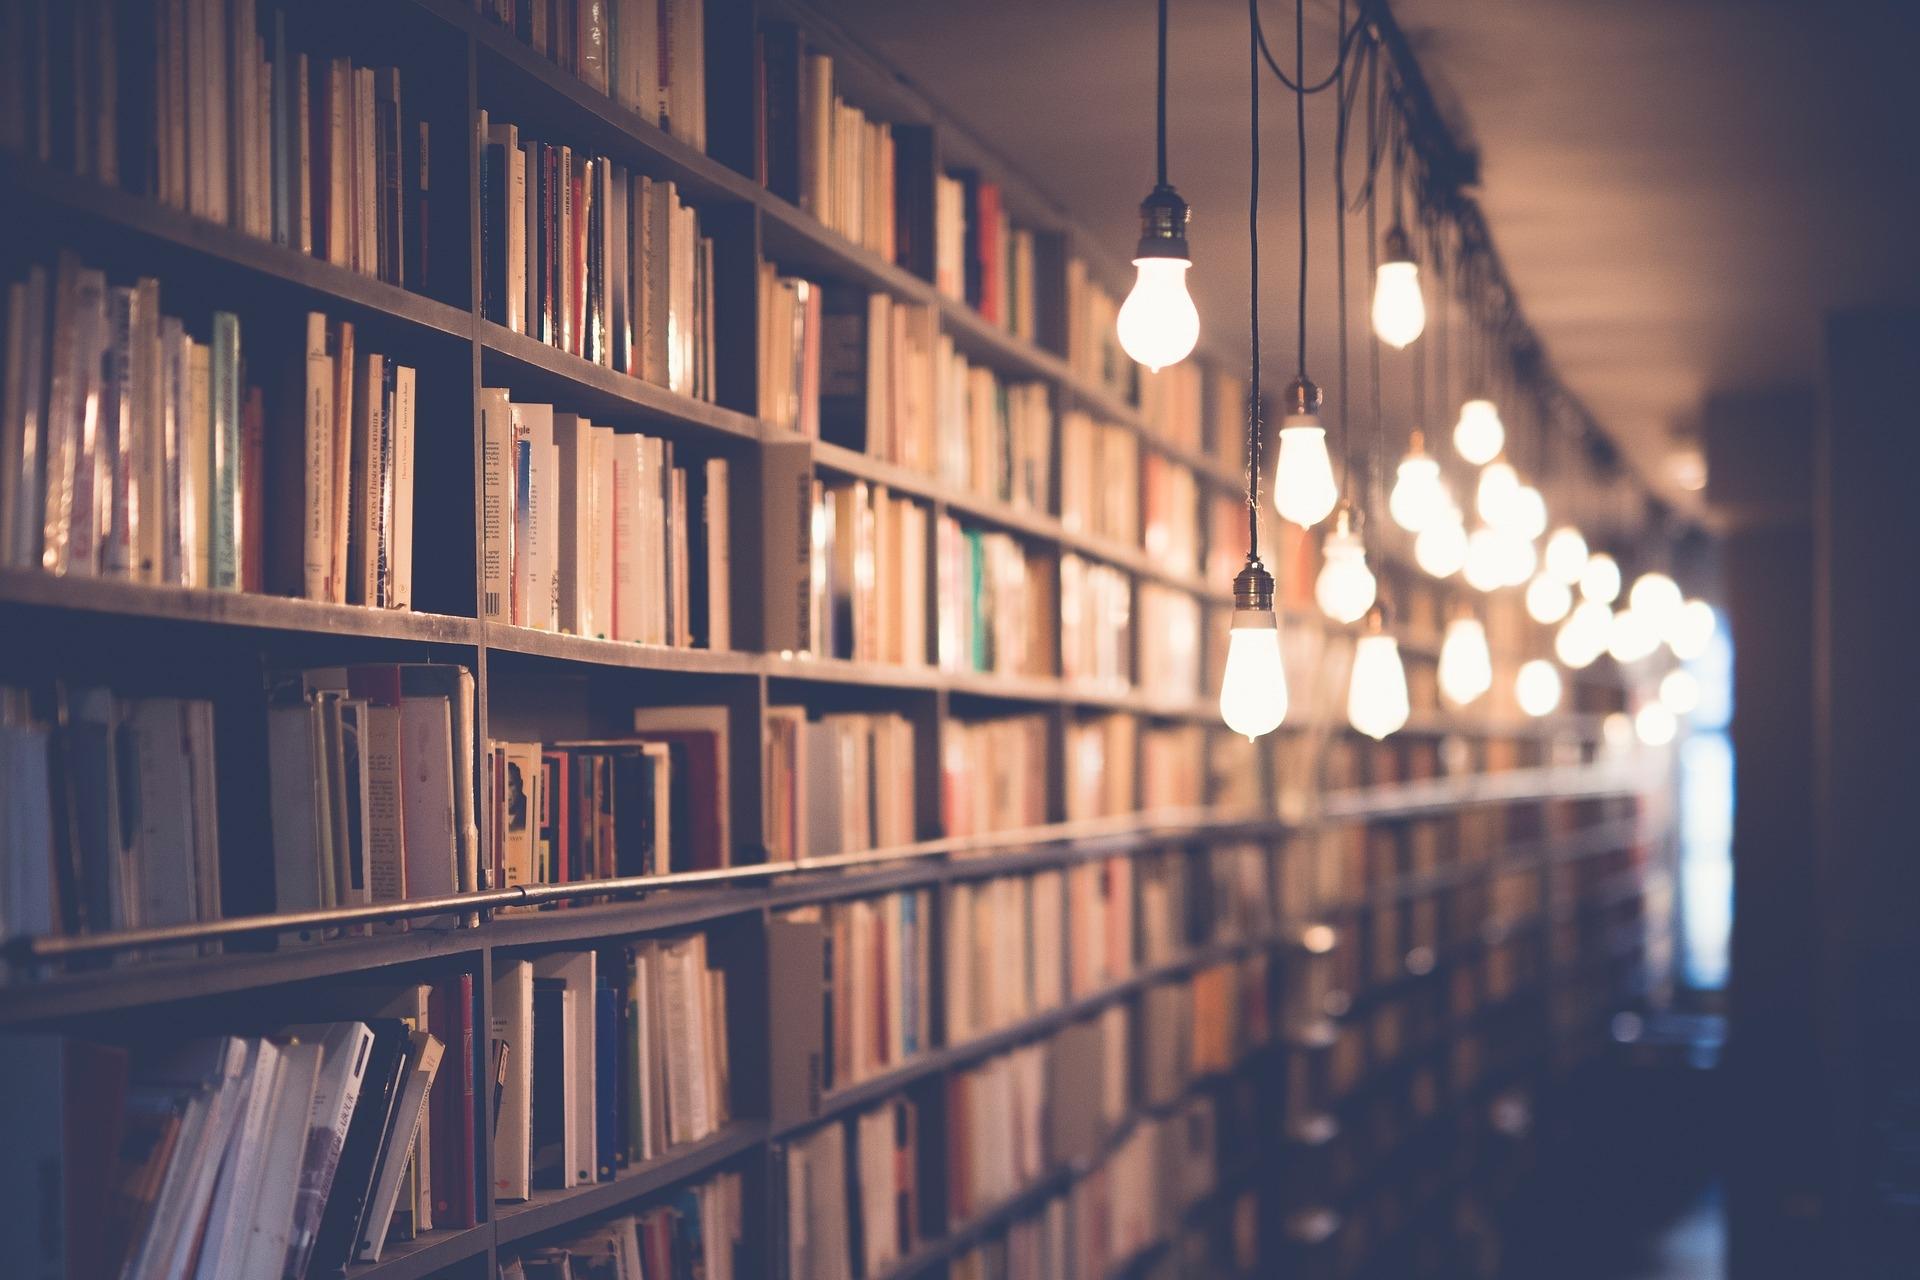 LoveReading Bookshop of the Month: Barnett's of Wadhurst